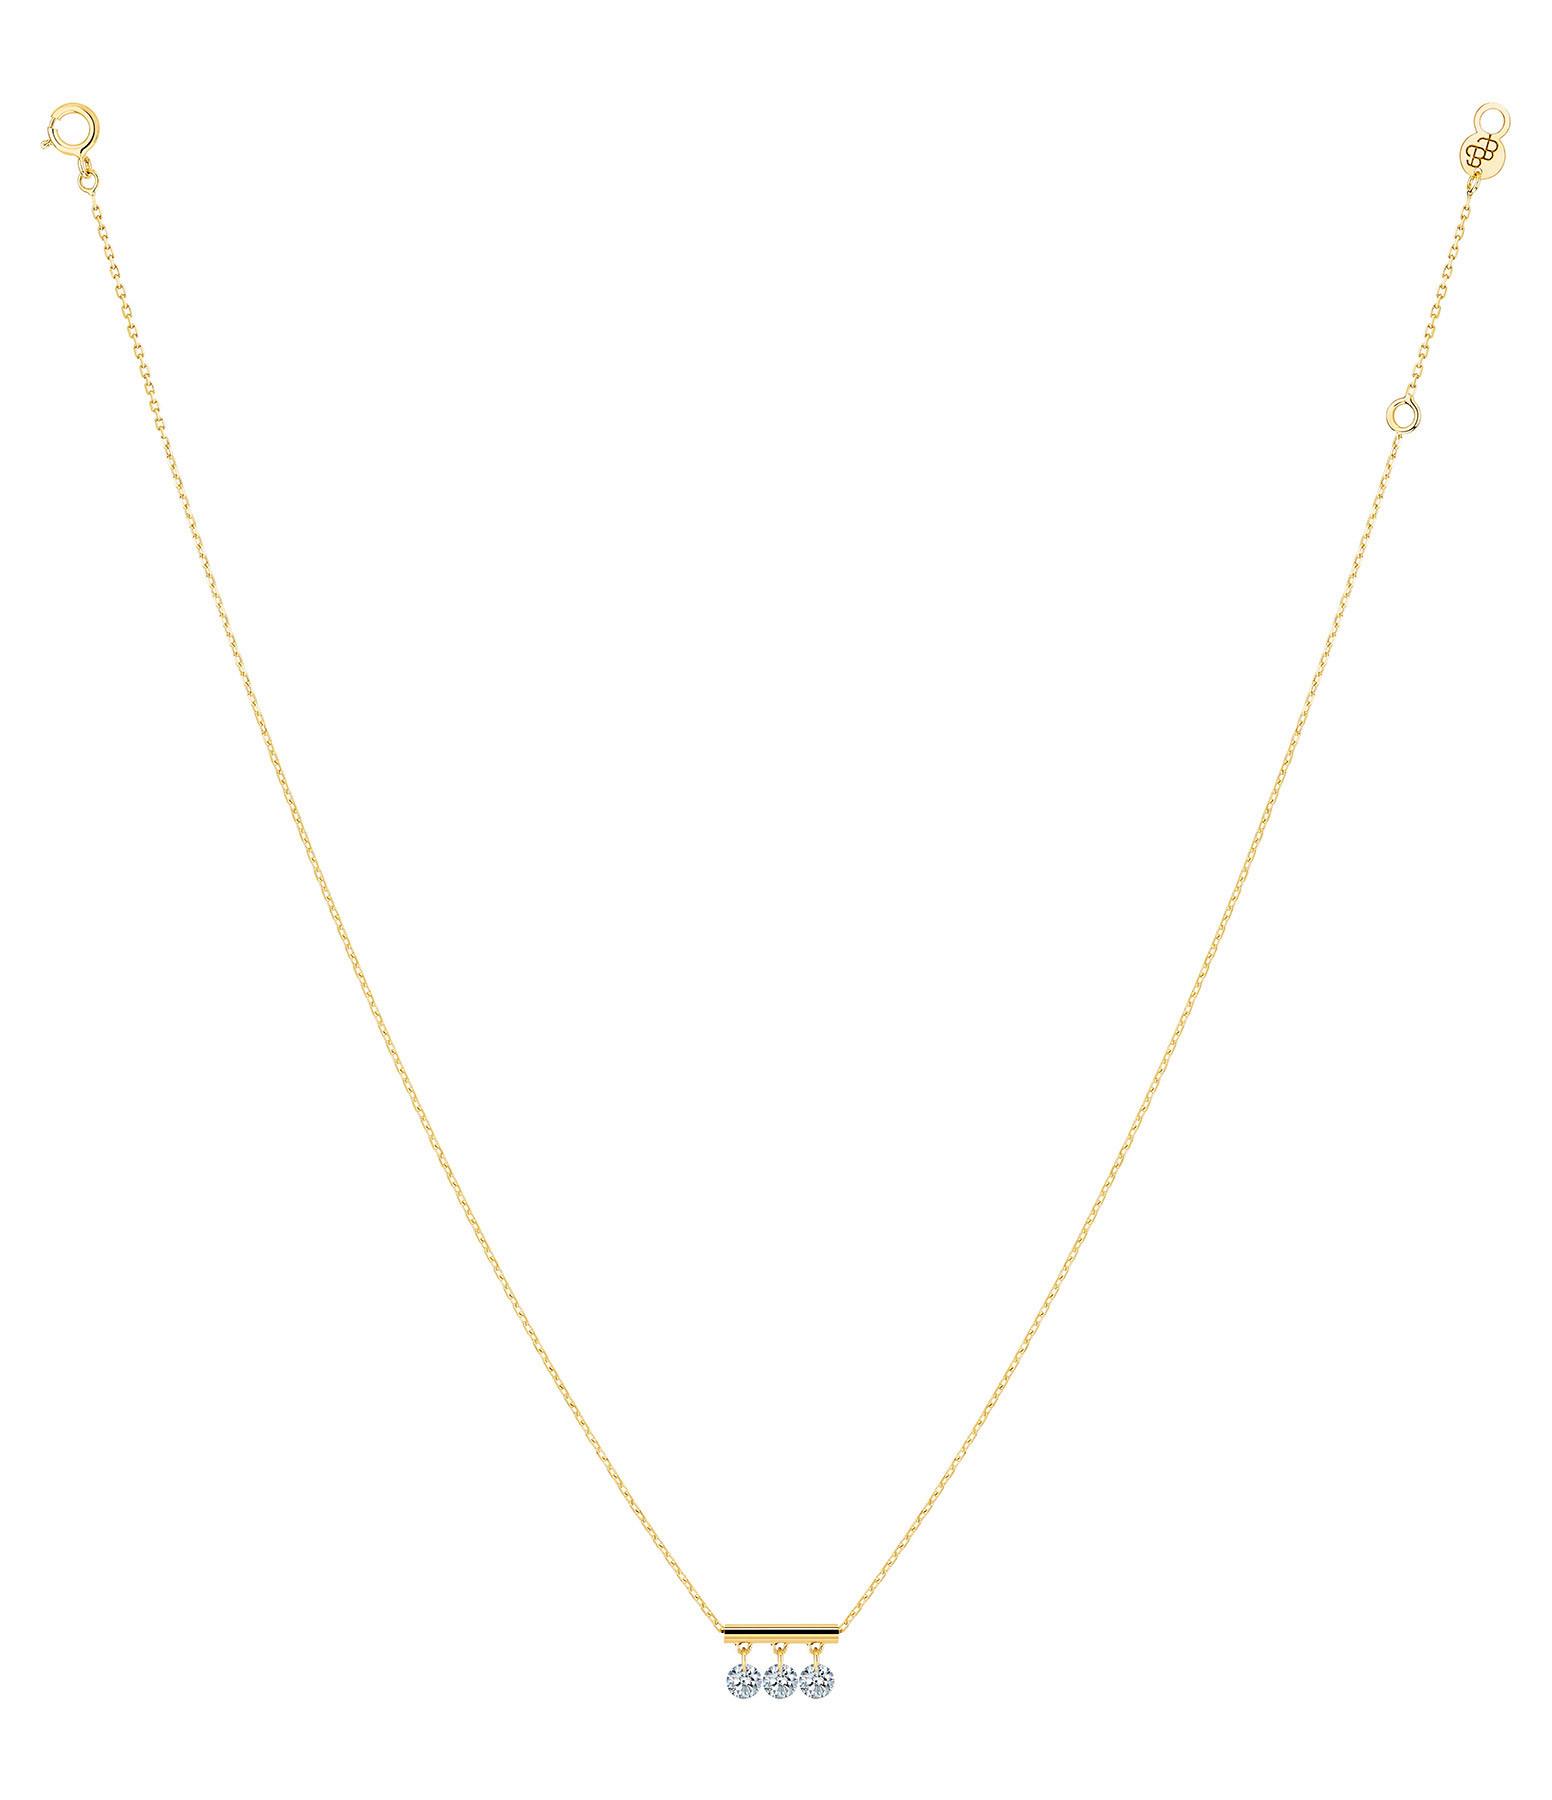 LA BRUNE & LA BLONDE - Collier Pampilles 3 Diamants Brillants Or Jaune